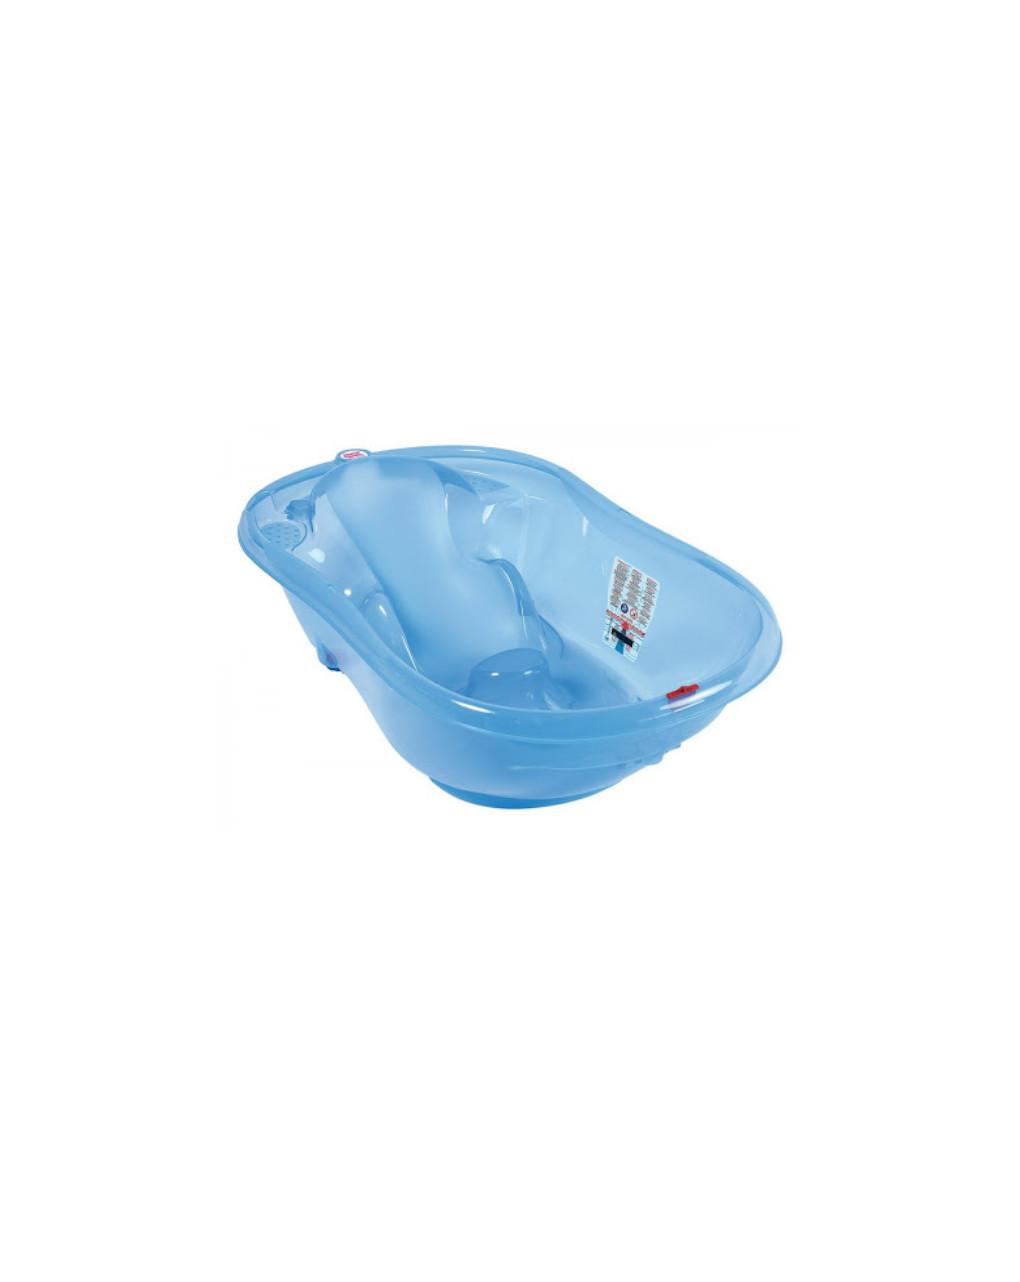 Banheira onda azul transparente - Okbaby